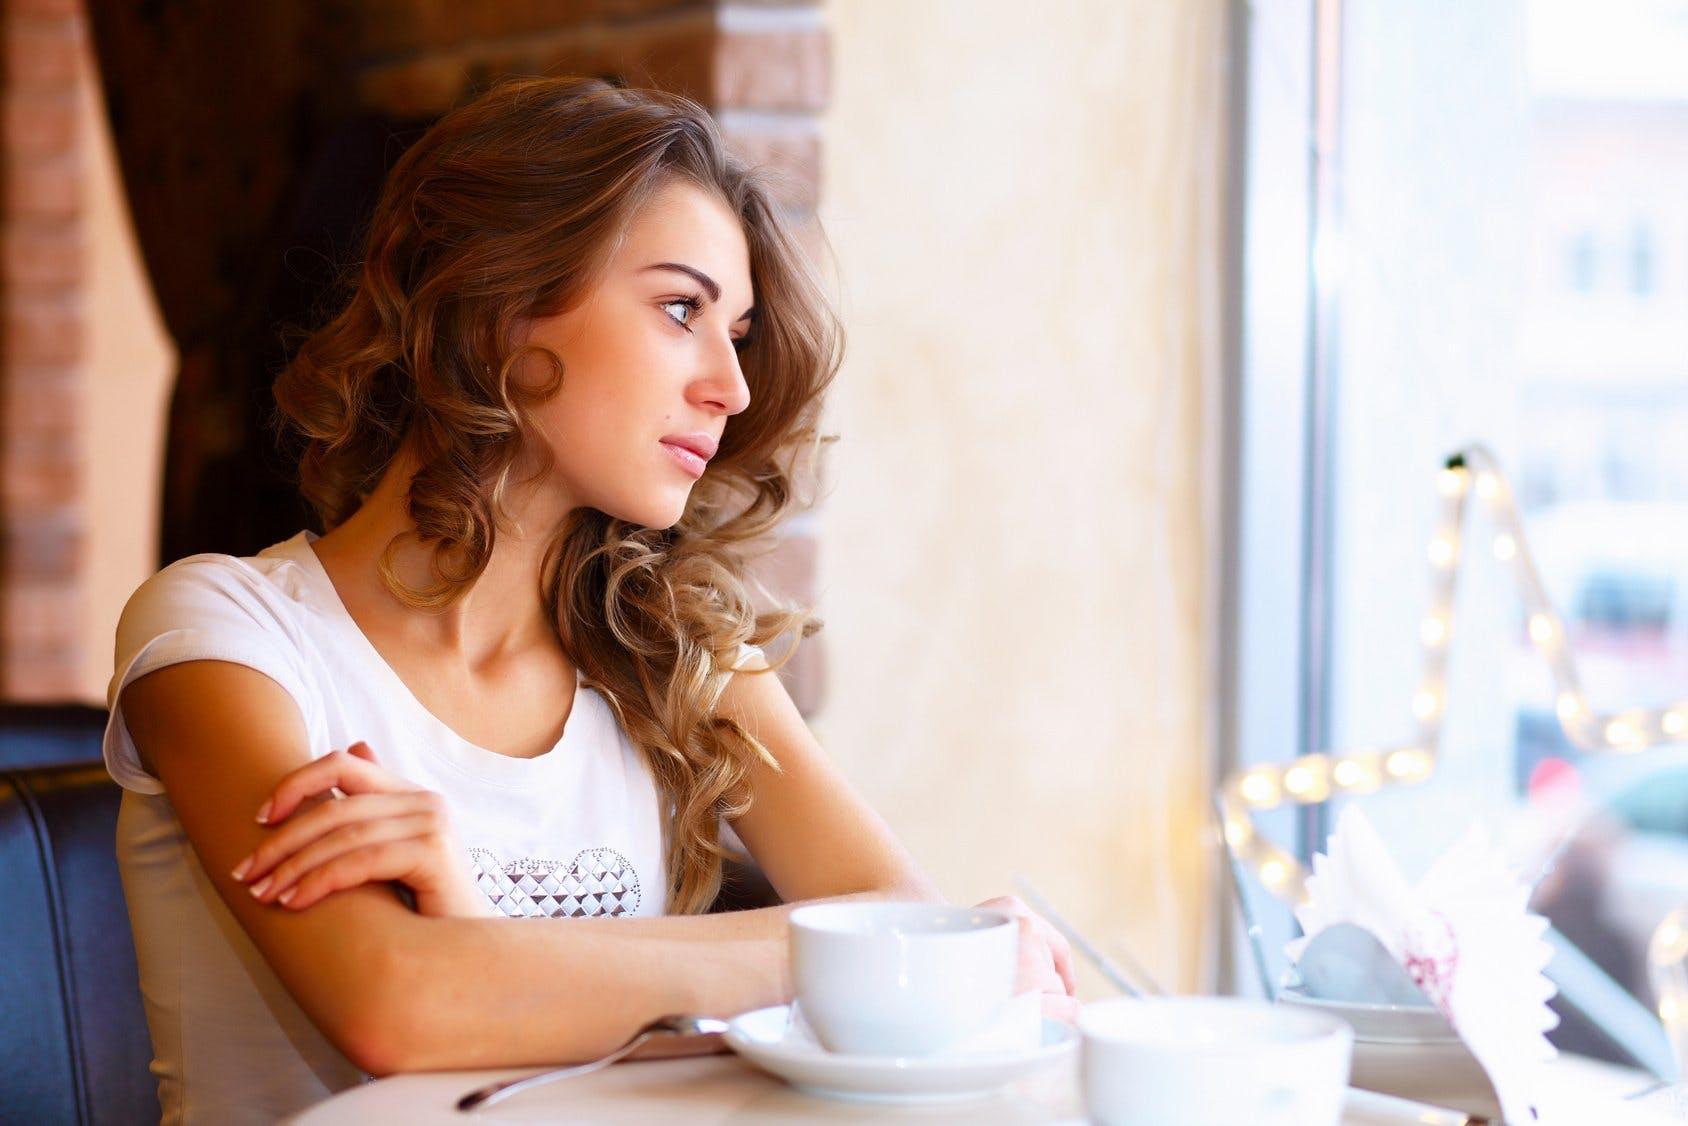 Hvordan man griber A Woman Online - fra en kvindes perspektiv